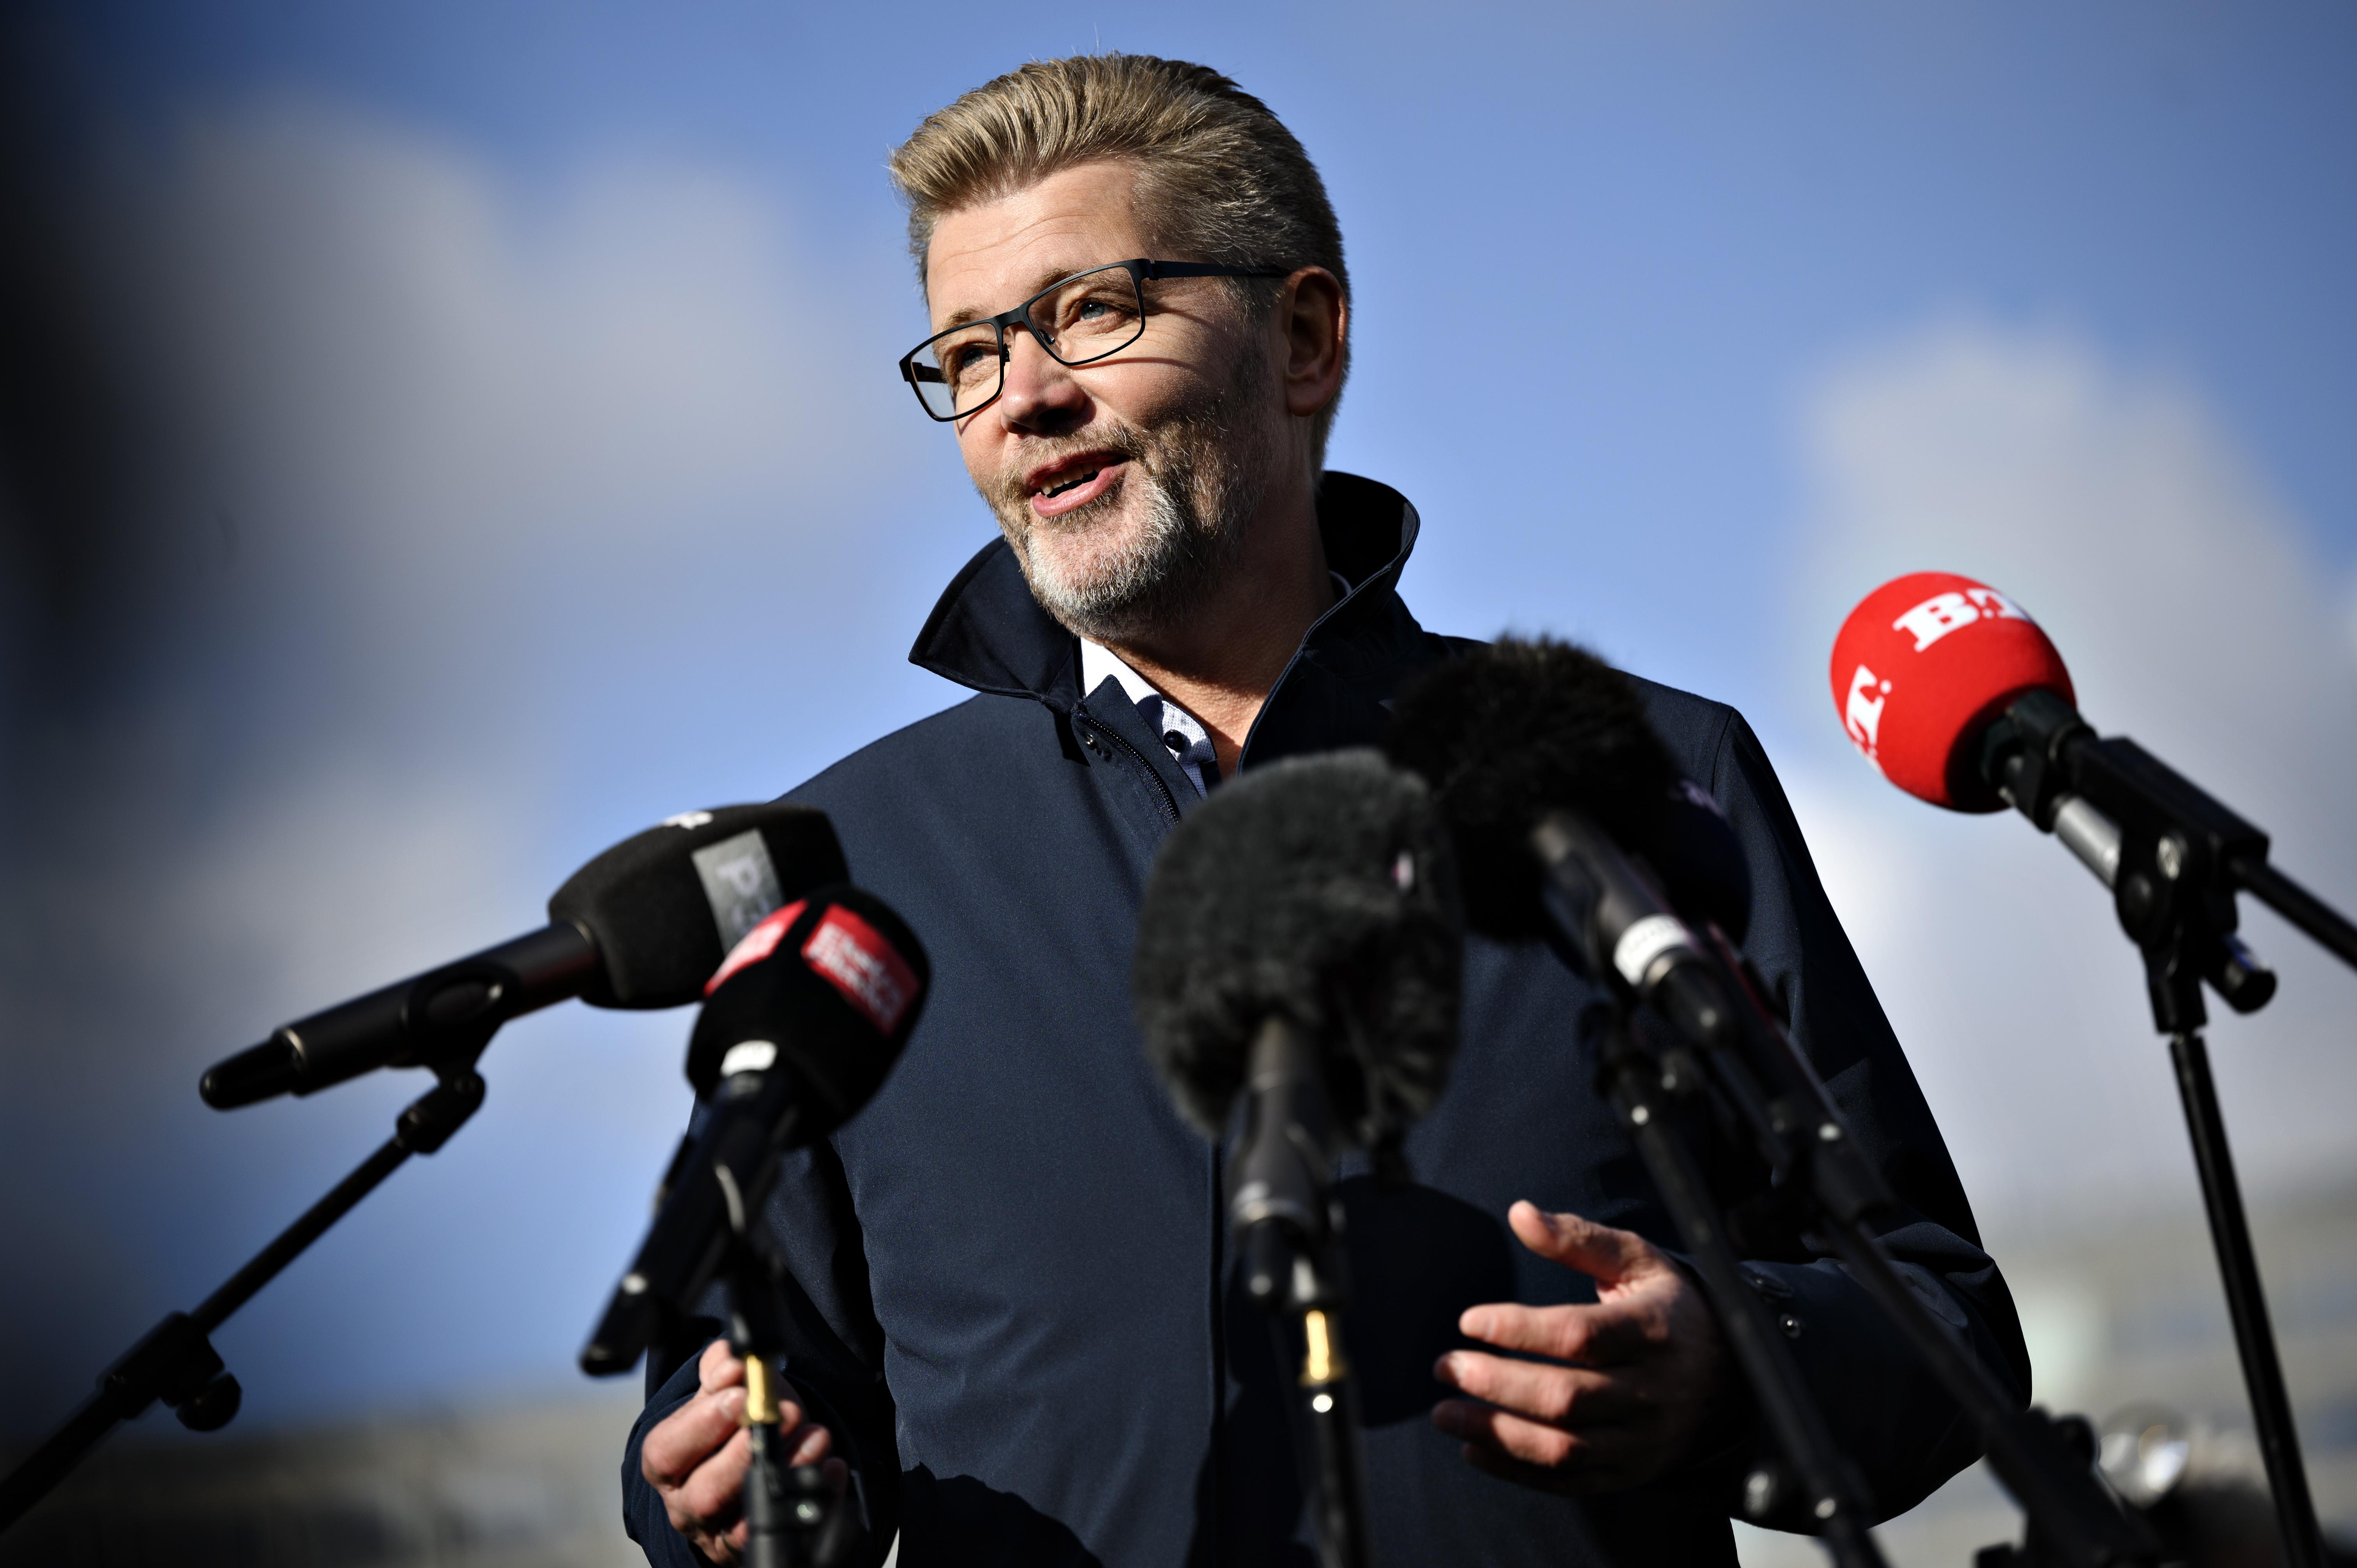 Lemondott Koppenhága polgármestere, mert két nőt is szexuálisan zaklatott